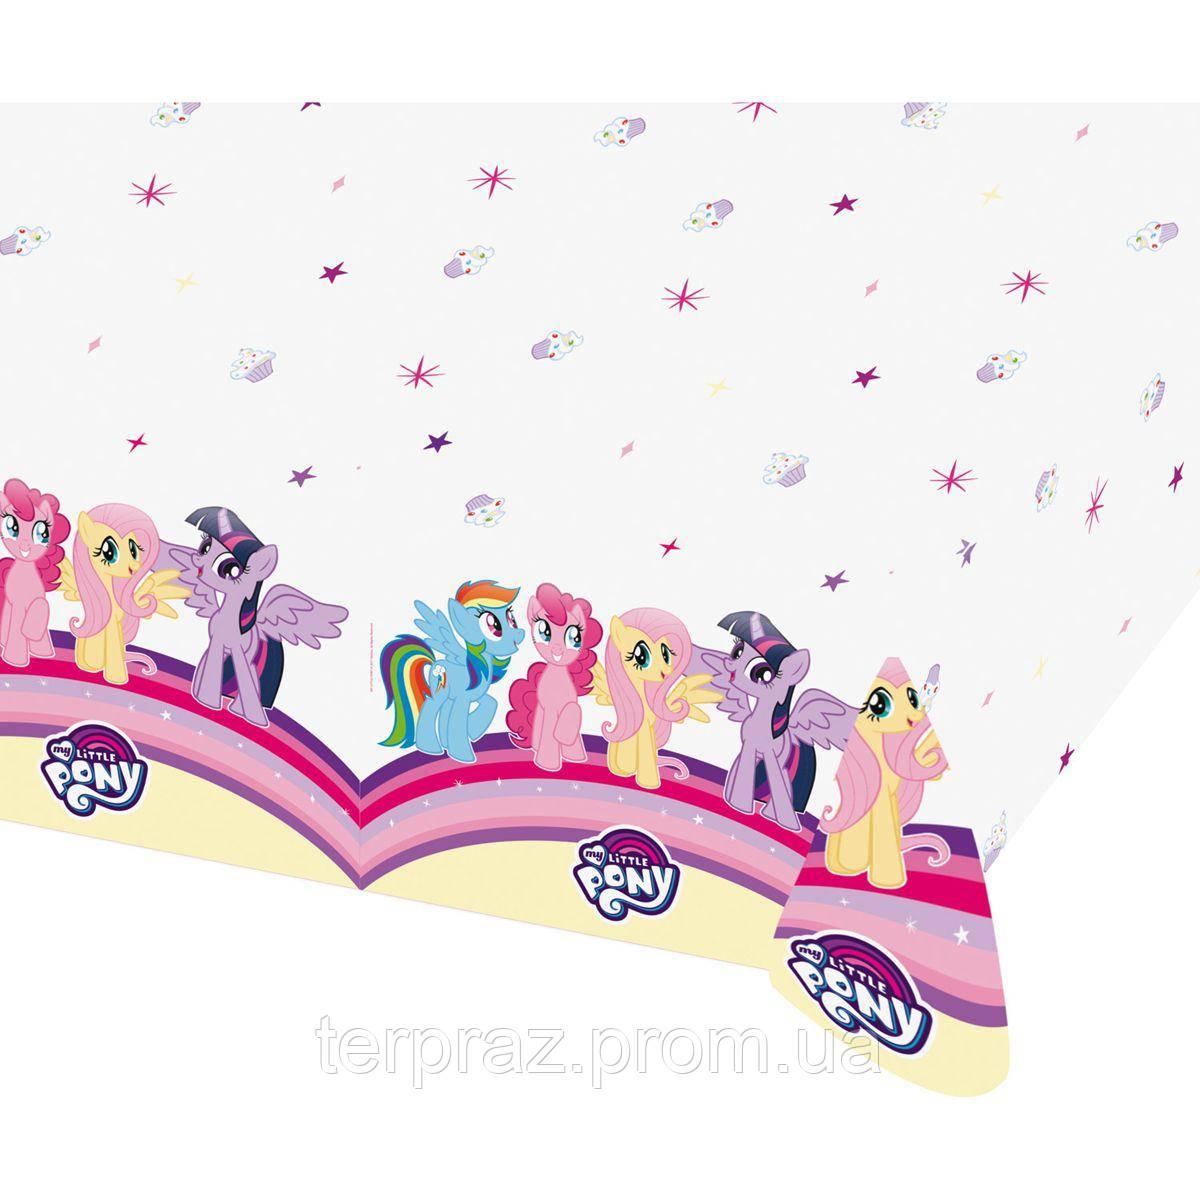 Праздничная сервировка /  Скатерть бумажная My little pony 120х180см/A